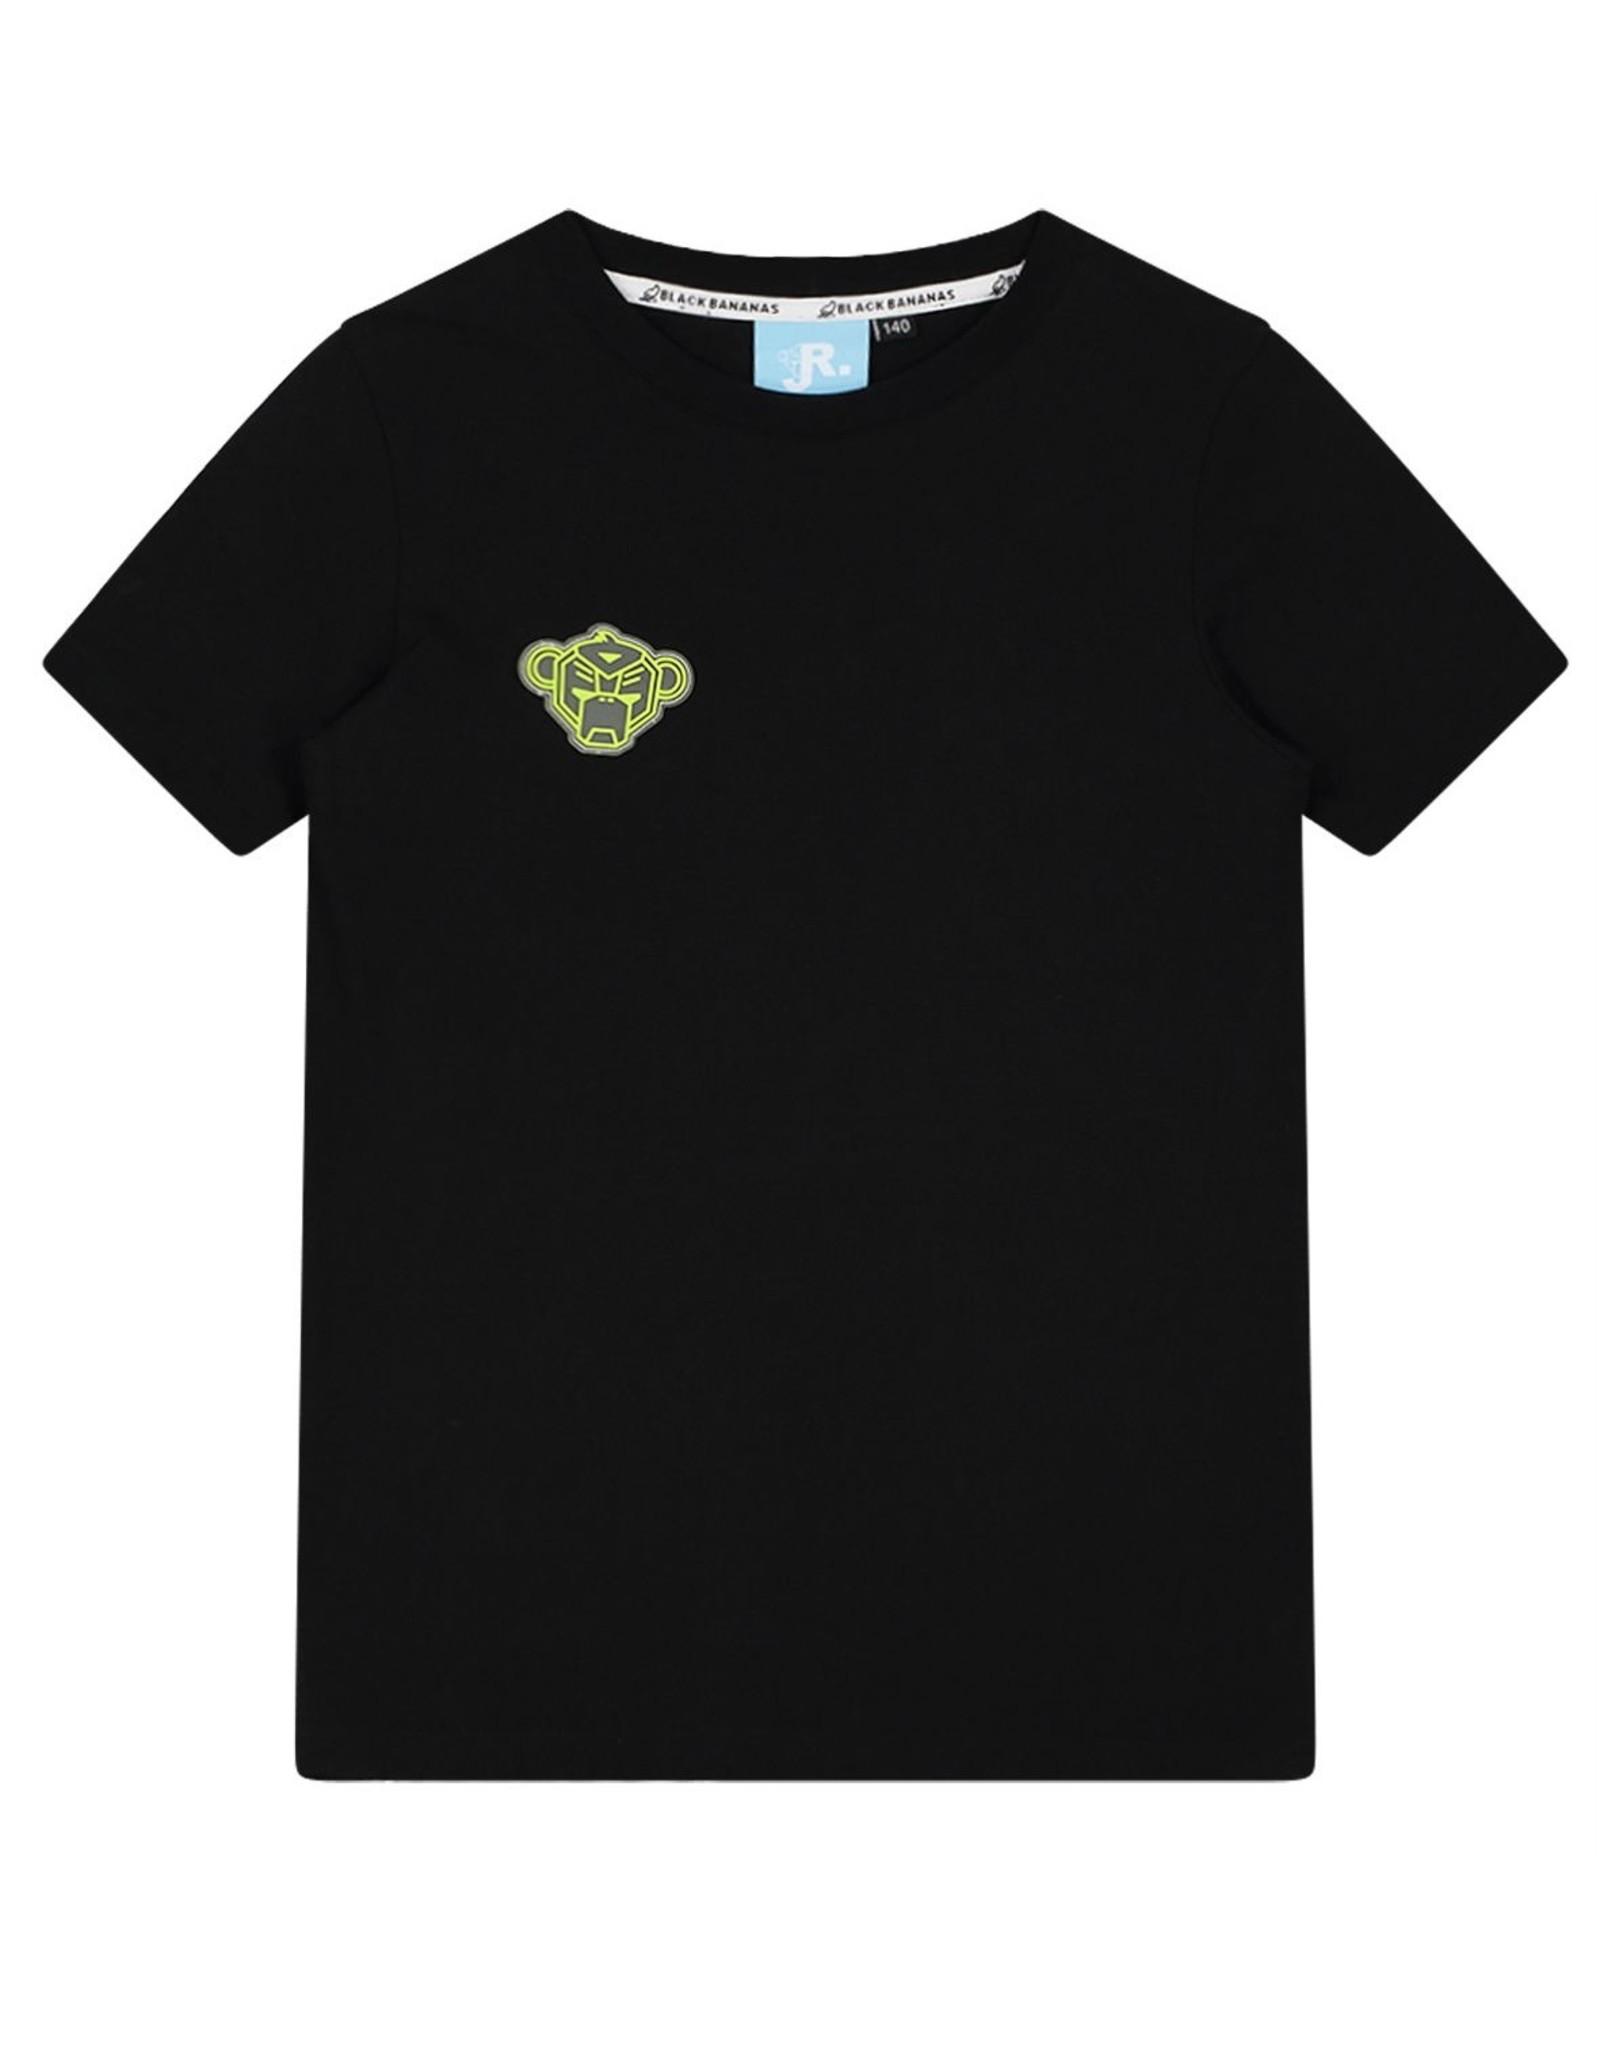 Black Bananas Jrss21/041 T-Shirt